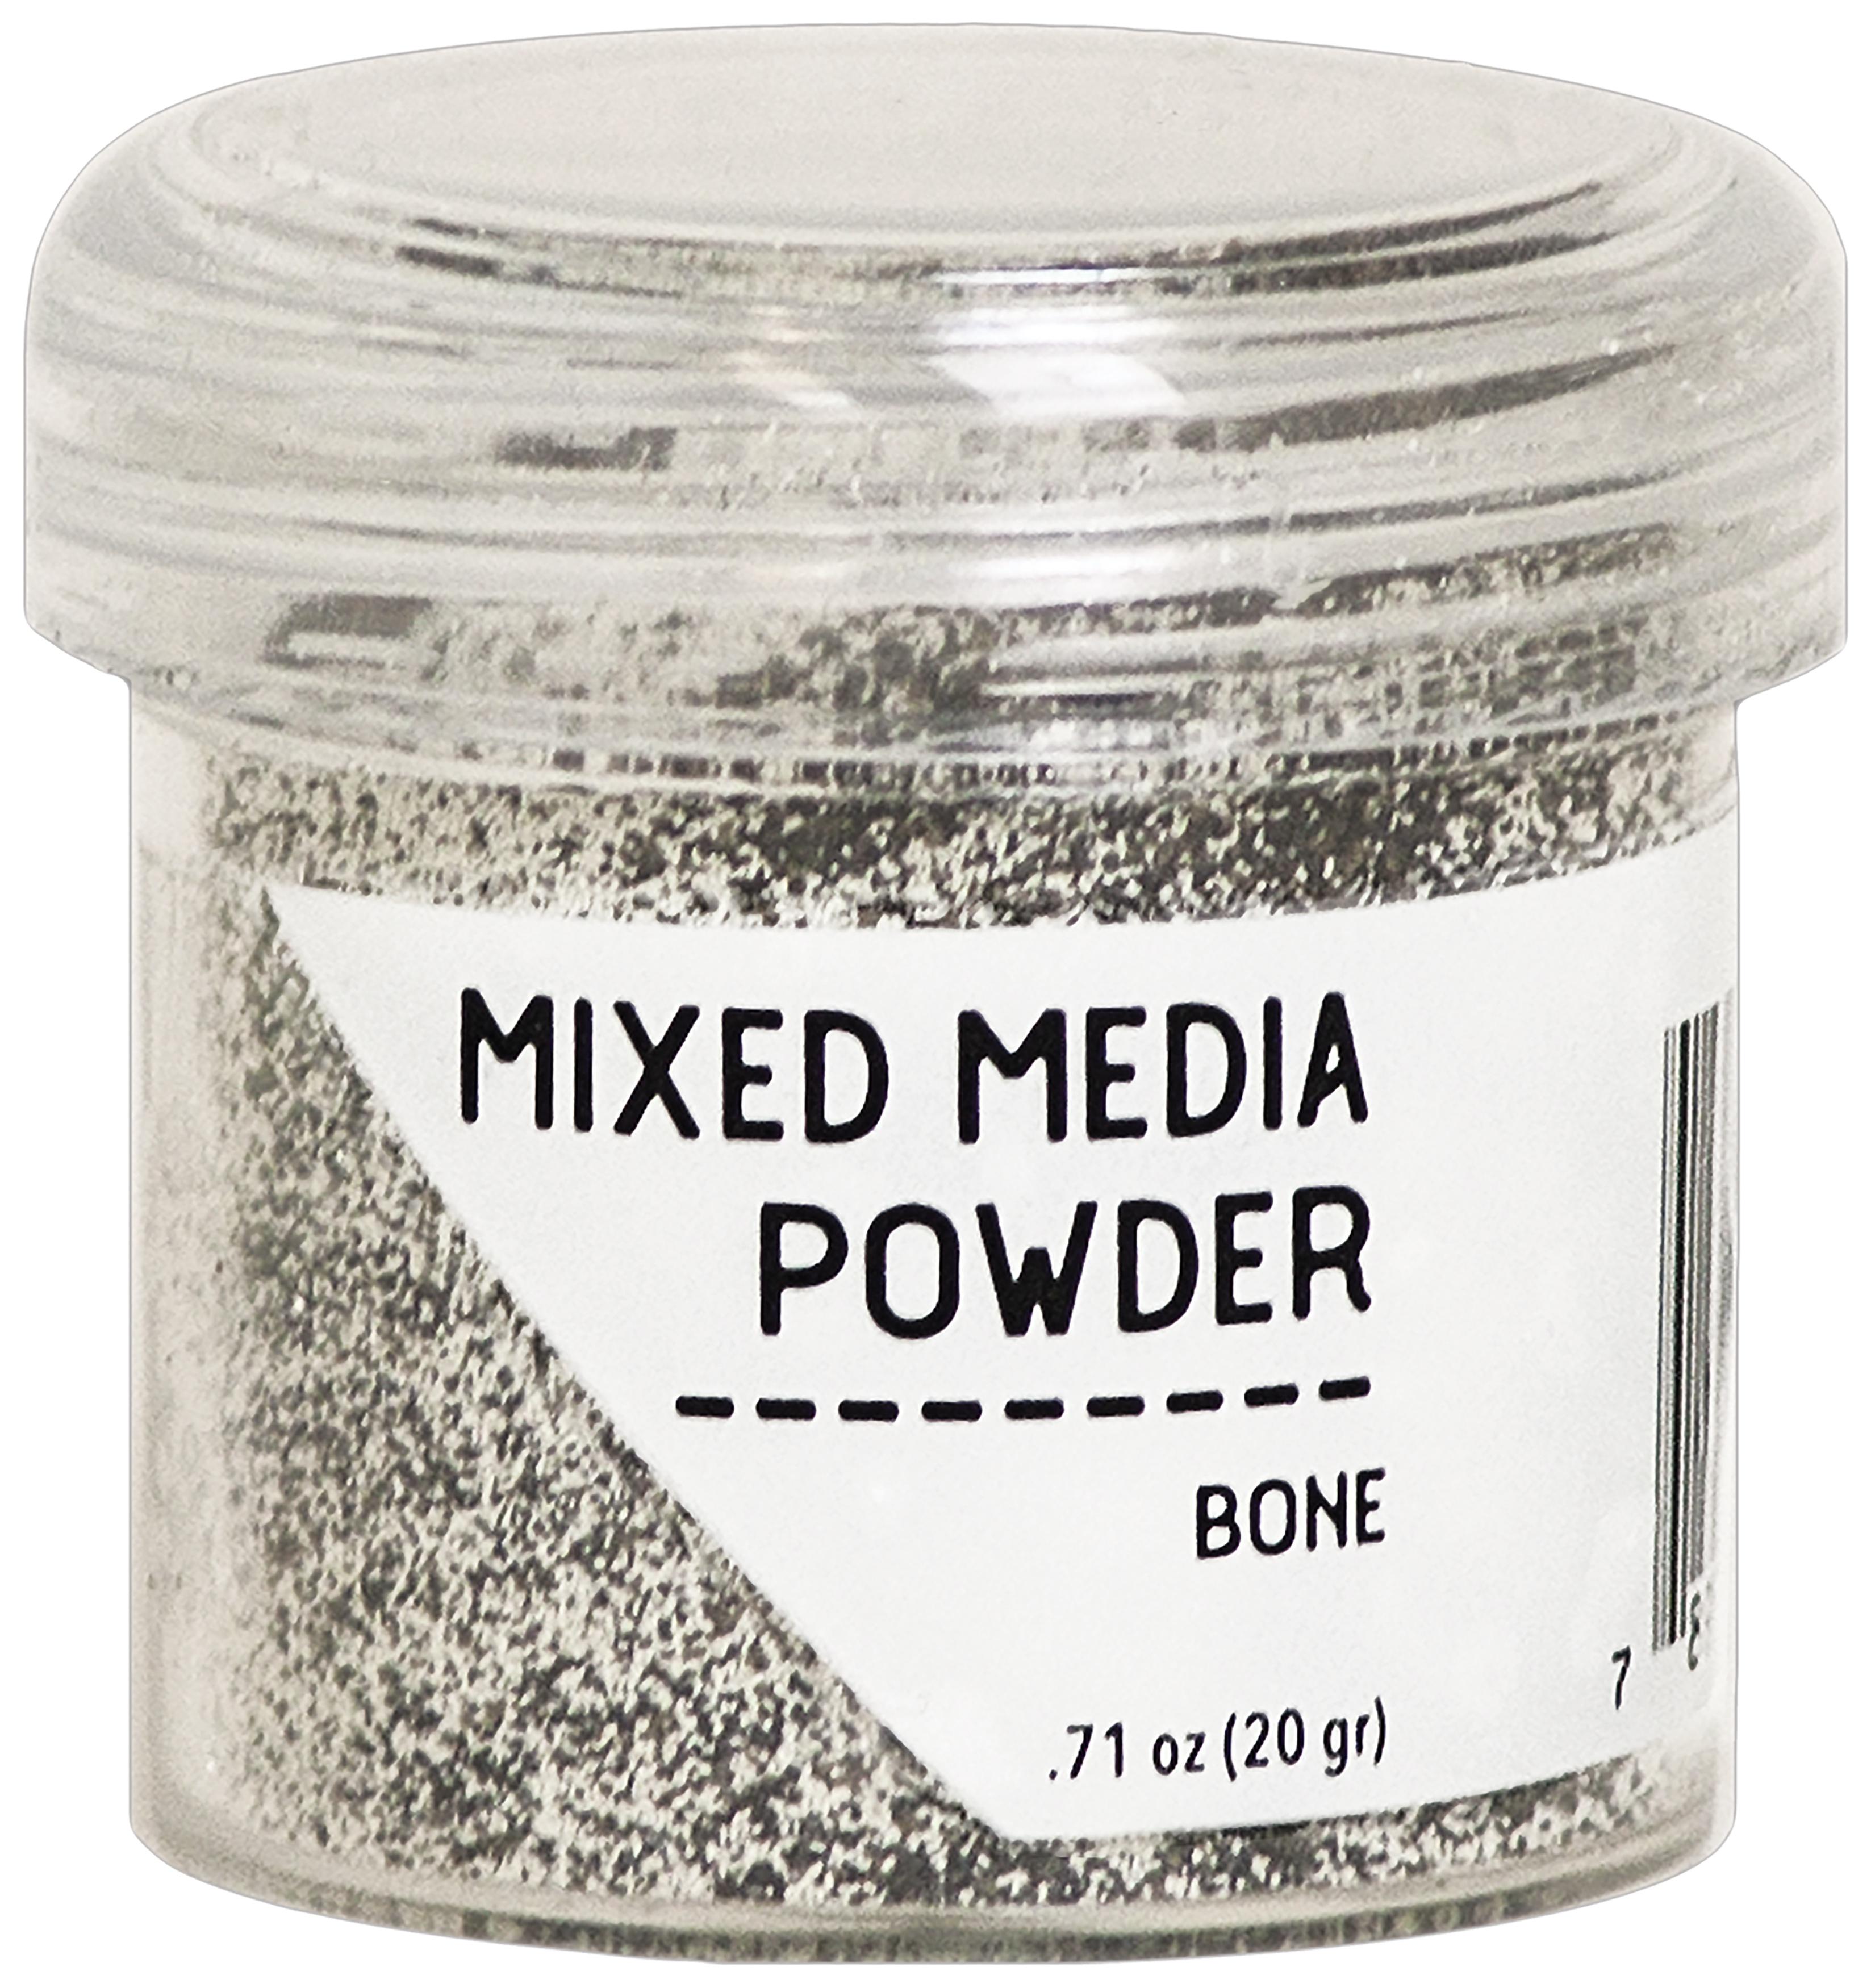 MIXED MEDIA POWDER - BONE